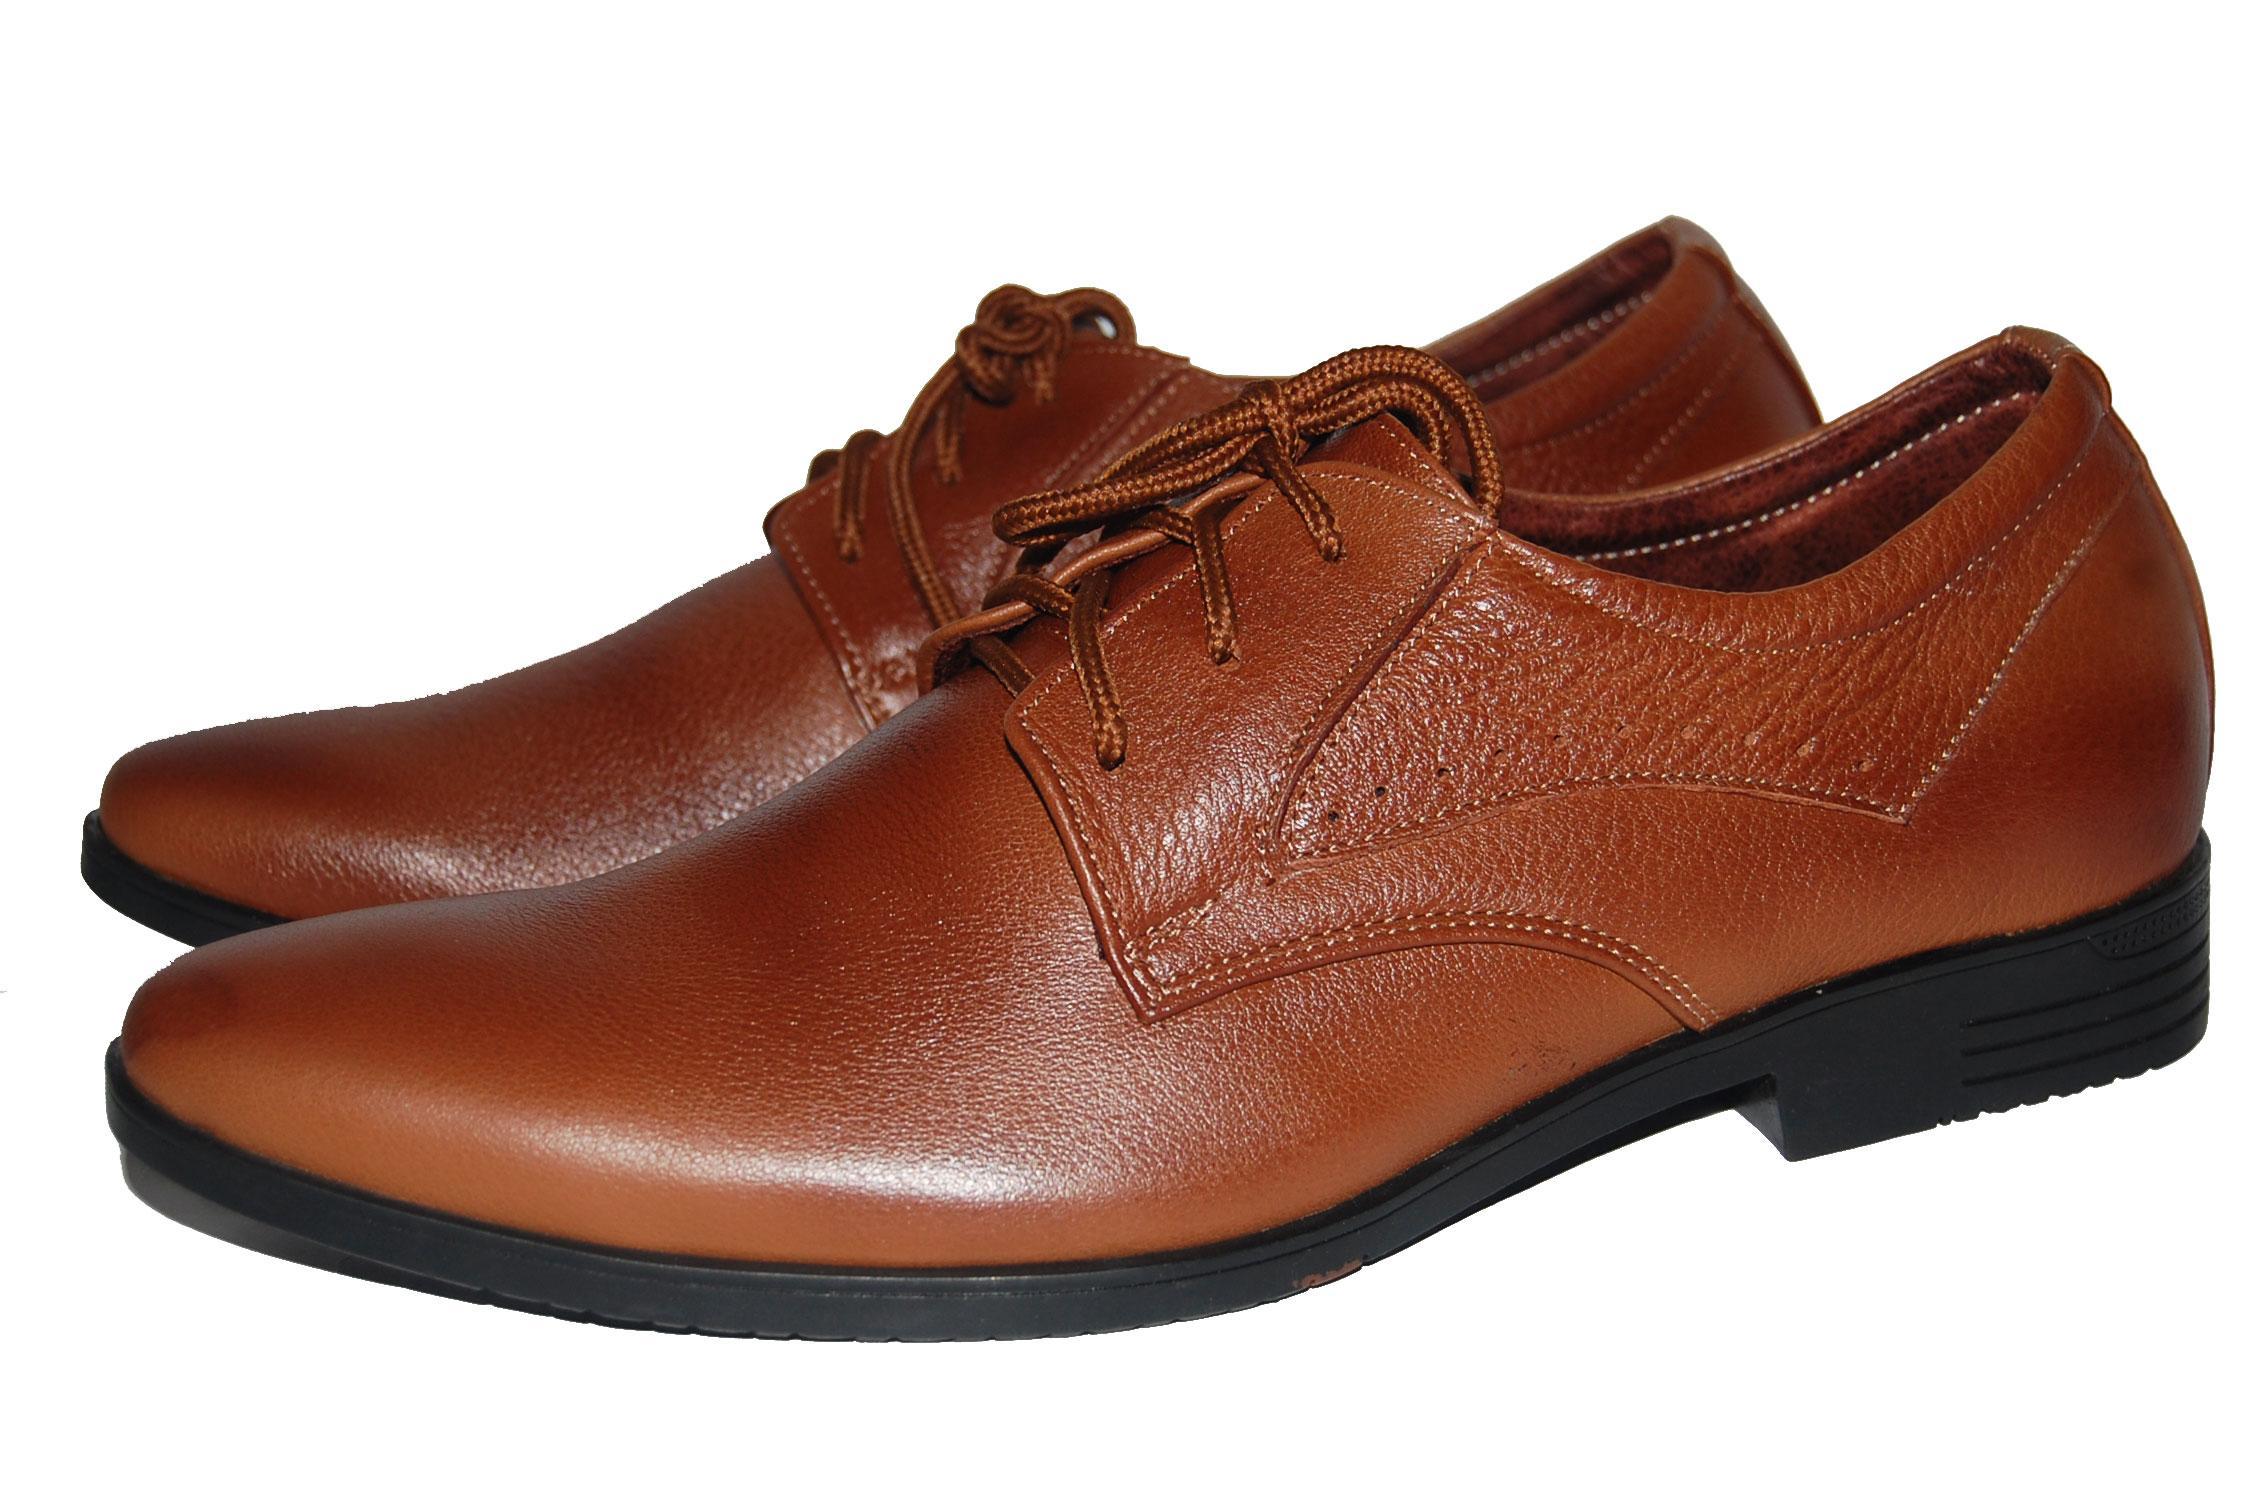 Giày tây nam da bò thật. Bảo hành 12 tháng. MS: T202